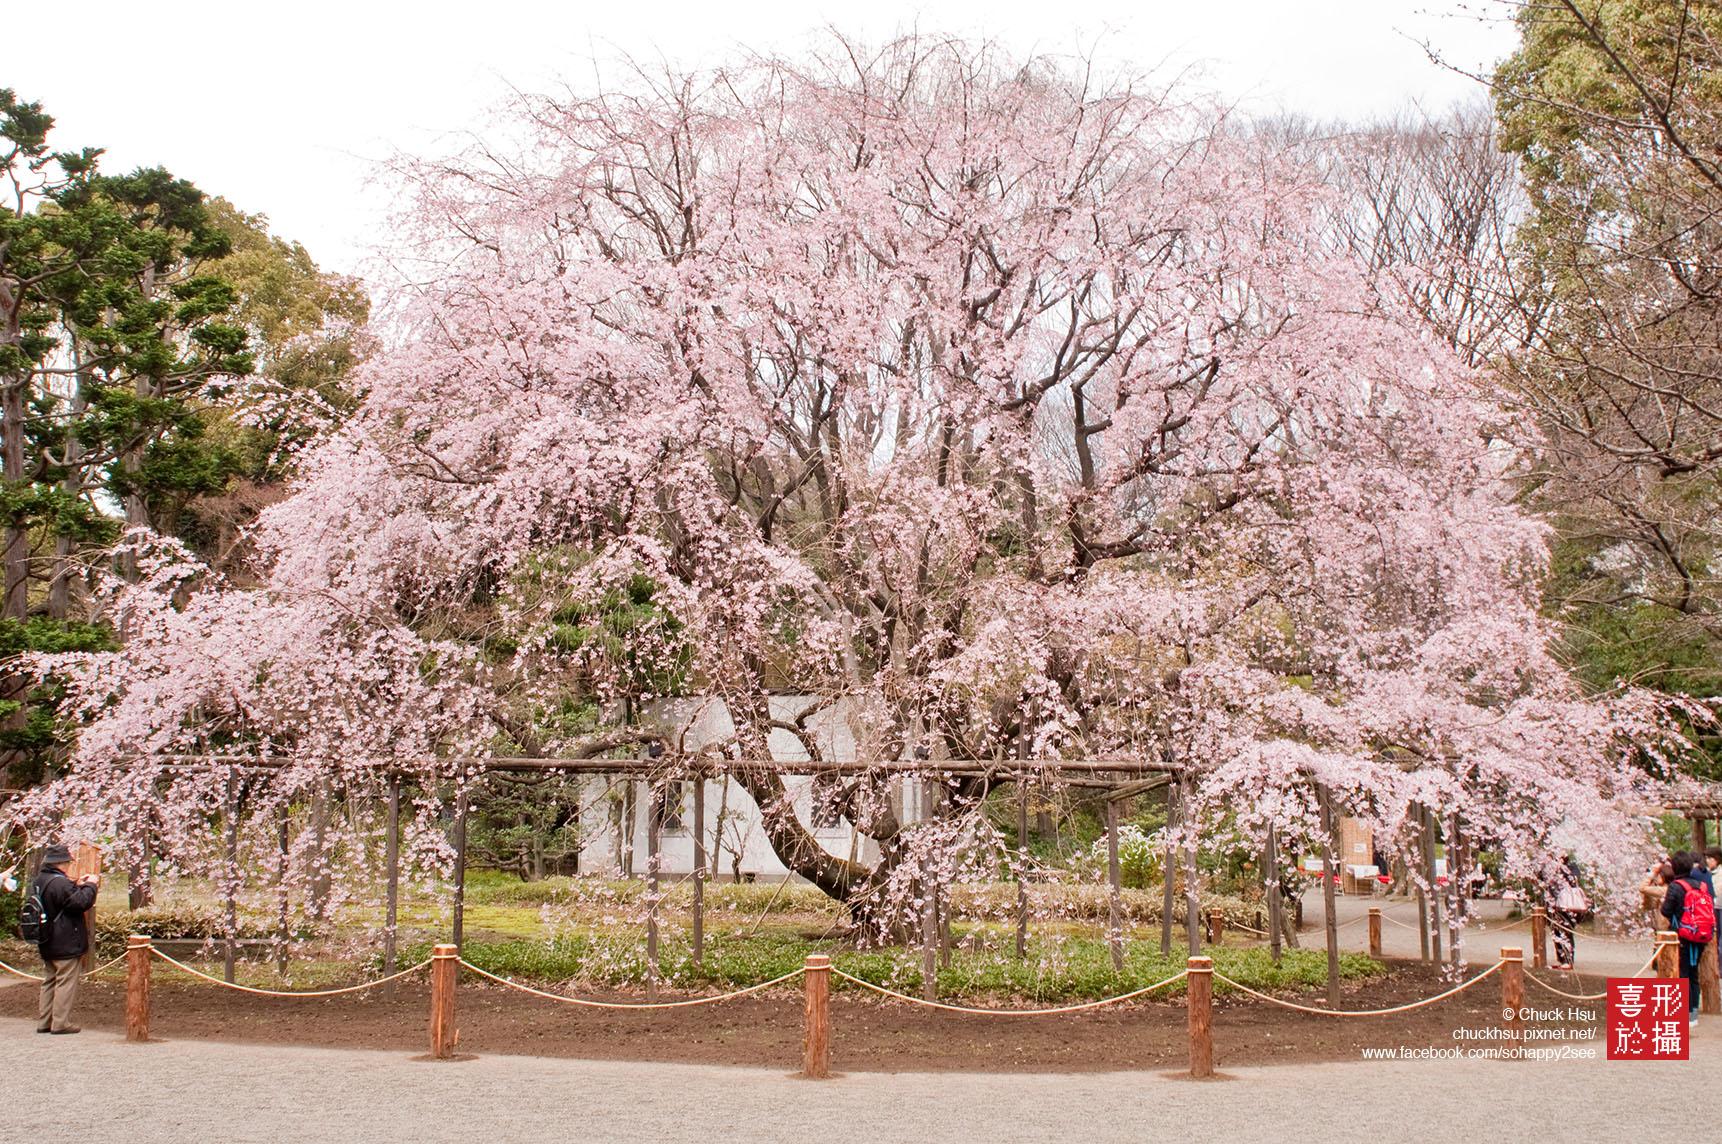 六義園枝垂櫻 Sakura Tokyo